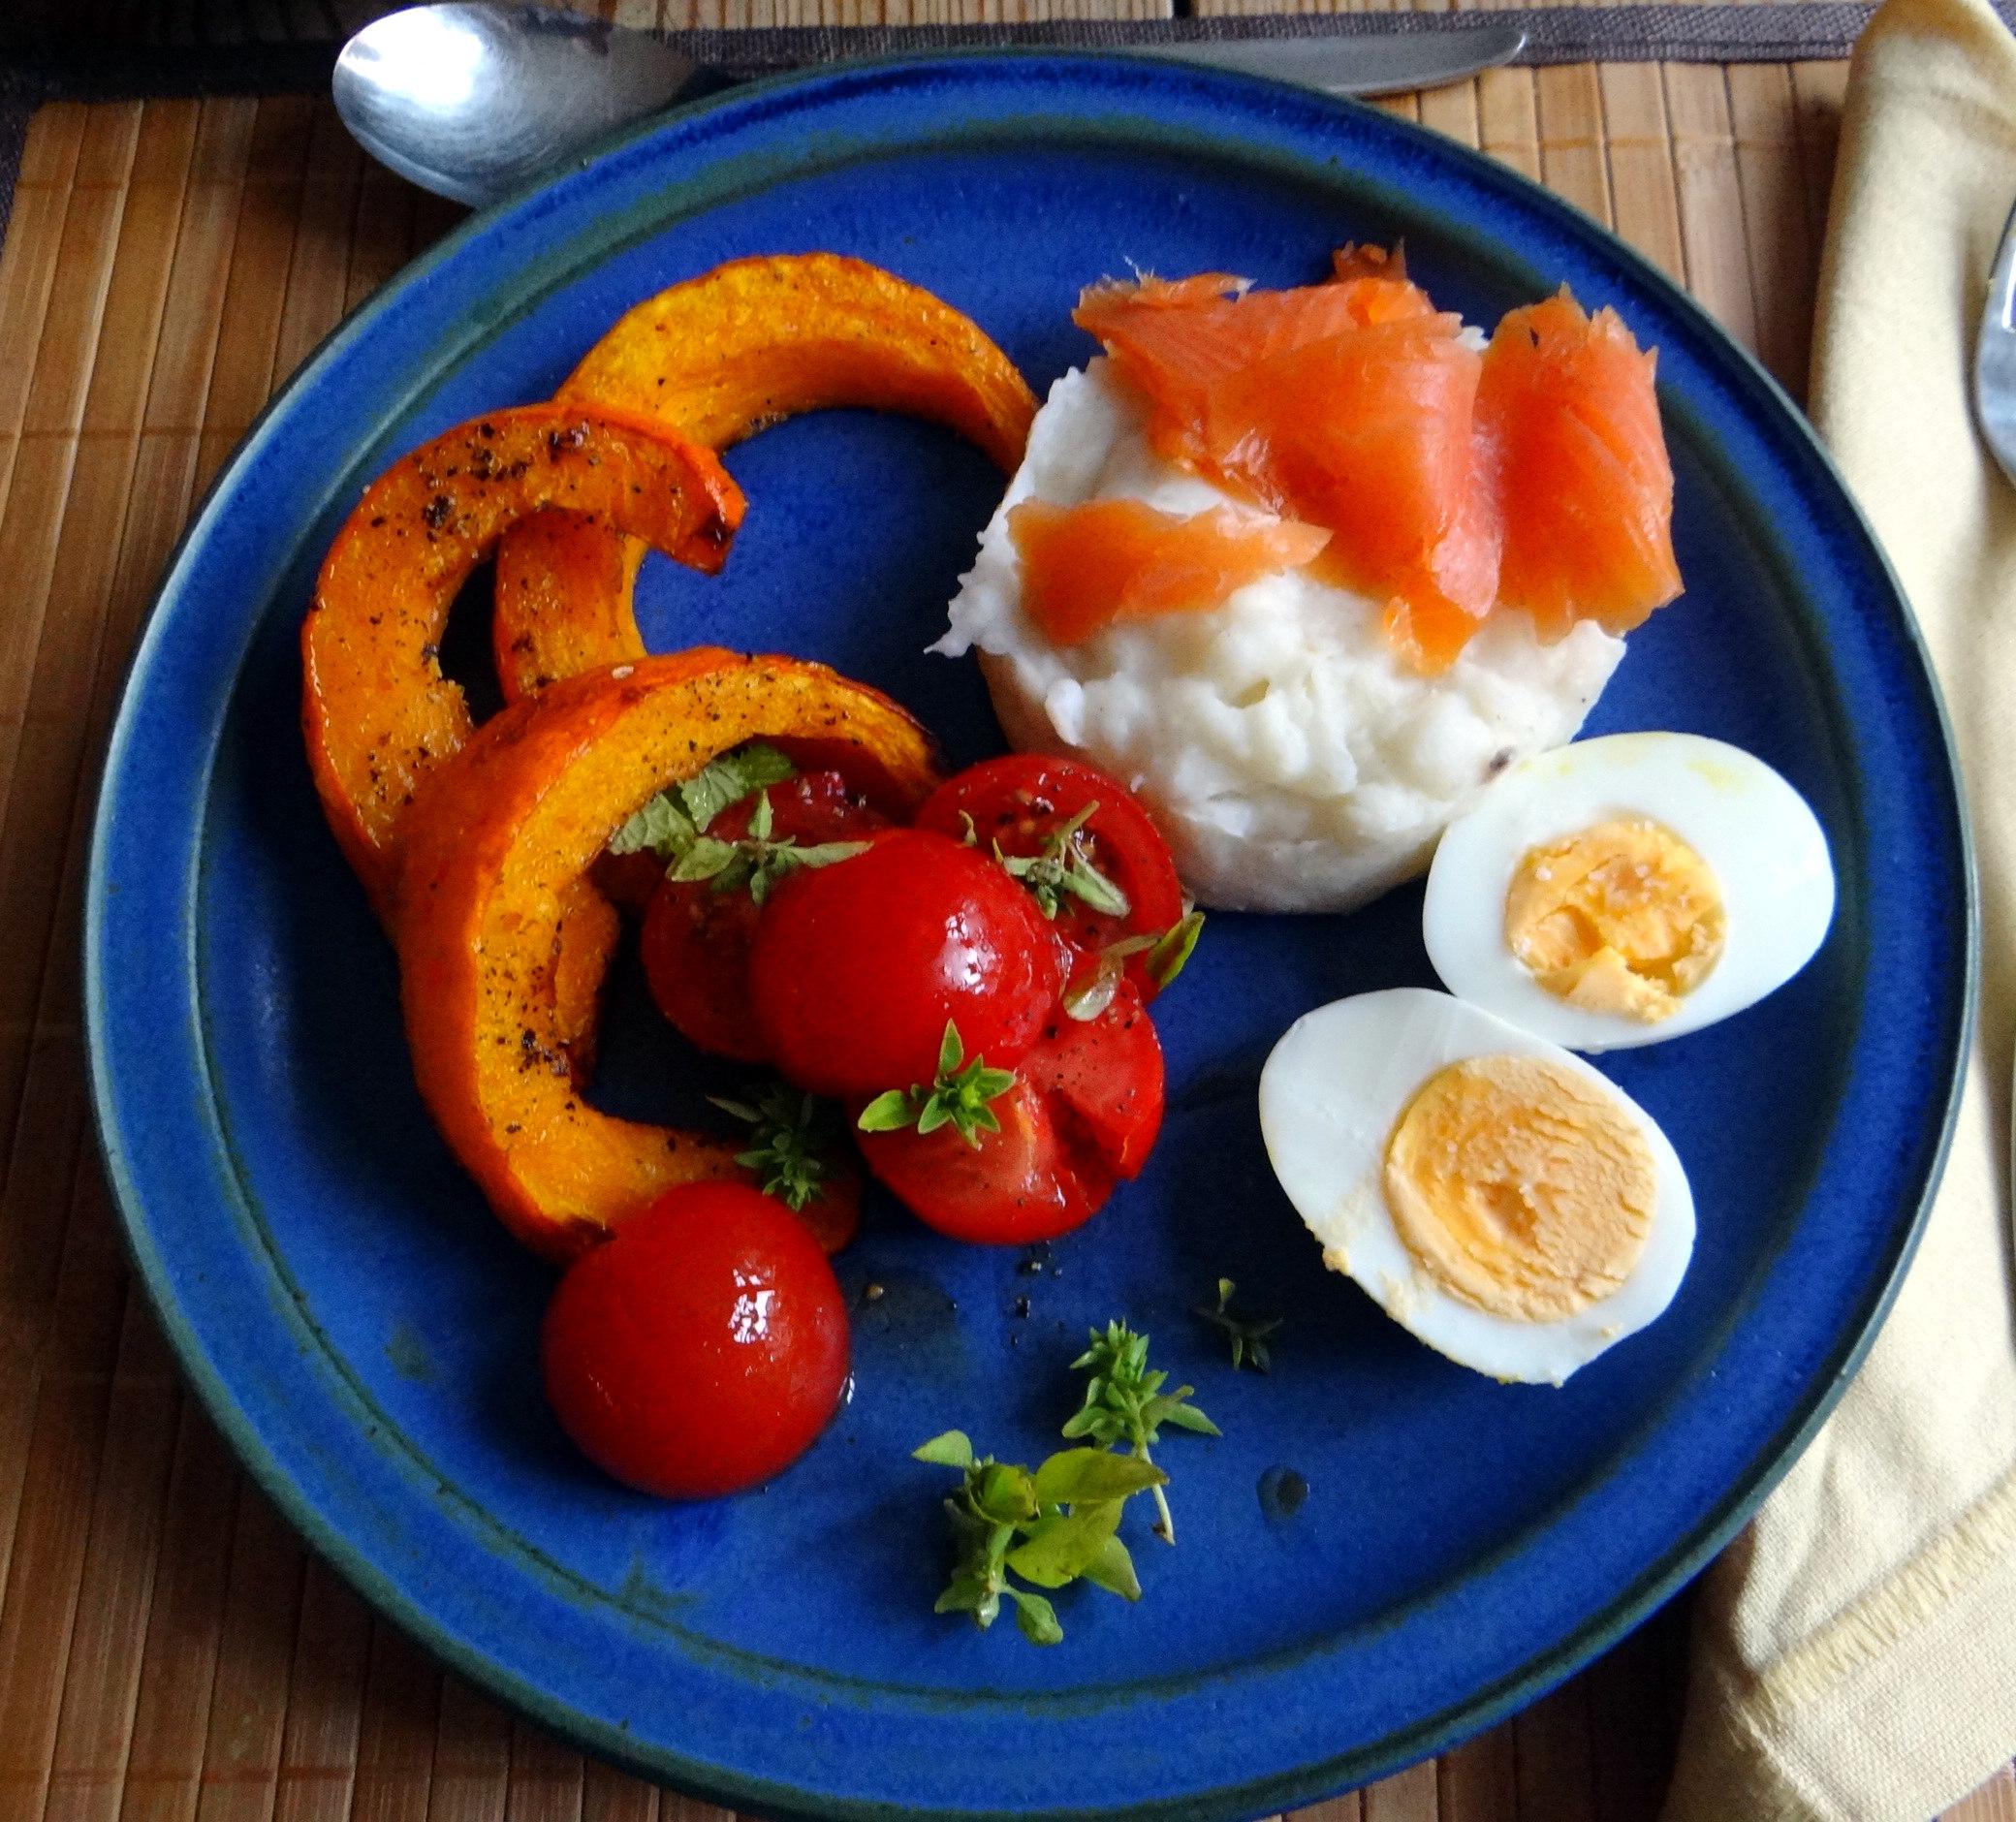 Maniok,Kürbisspalten,Tomaten,Eier,geräucherte Lachsforelle,pescetarisch (1)